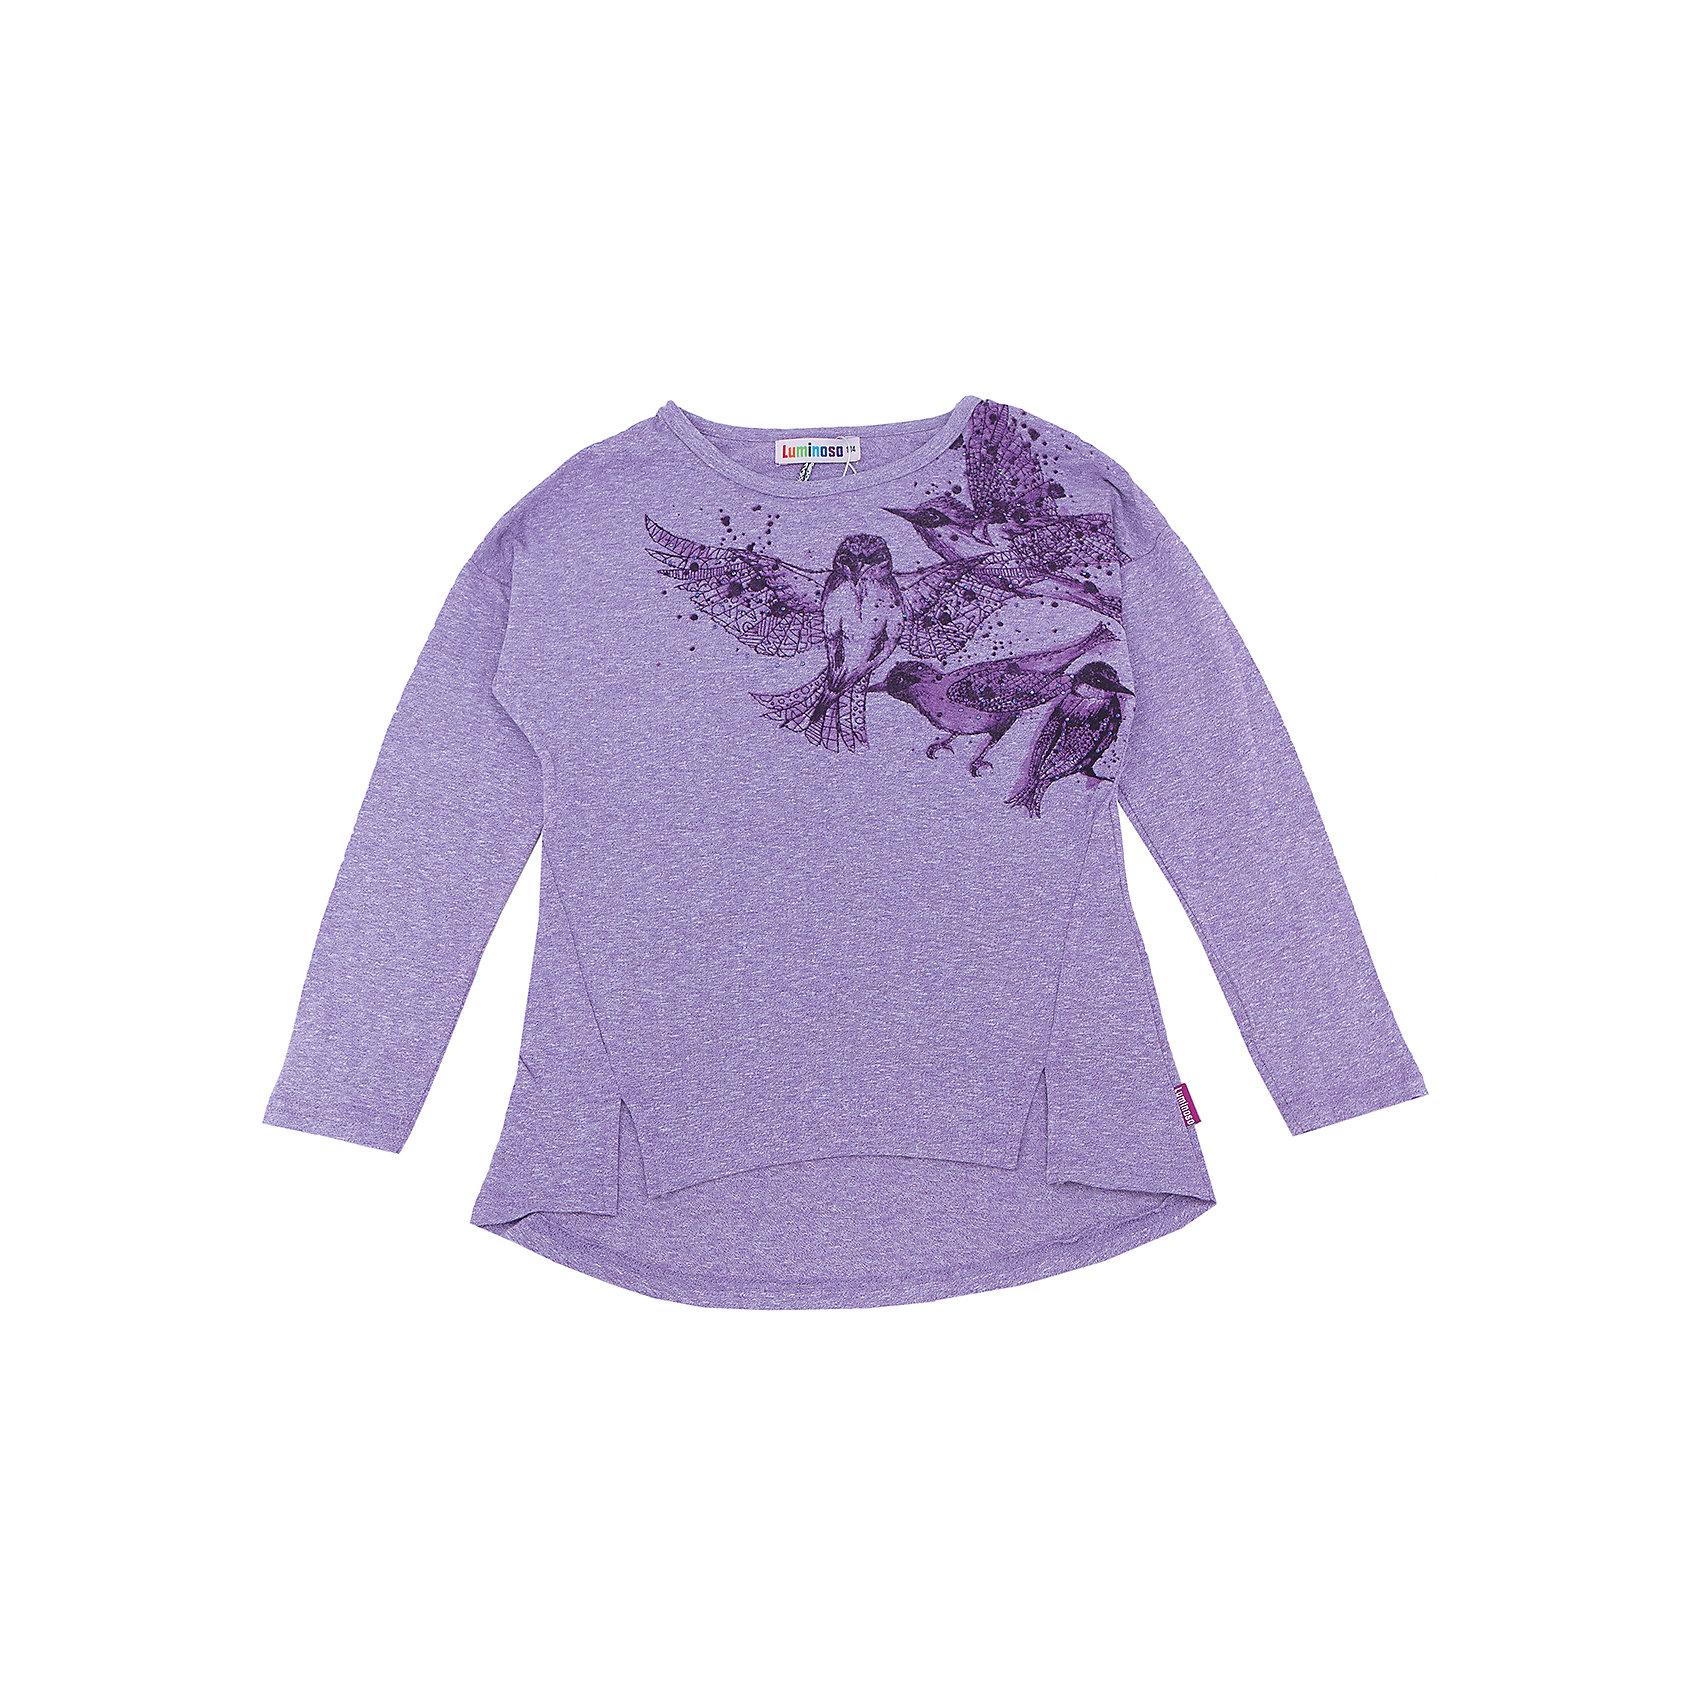 Футболка с длинным рукавом для девочки LuminosoФутболки с длинным рукавом<br>Характеристики товара:<br><br>- цвет: фиолетовый;<br>- материал: 75% хлопок 20%вискоза 5%эластан;<br>- декорирована принтом;<br>- длинный рукав;<br>- округлый горловой вырез.<br><br>Стильная одежда от бренда Luminoso (Люминосо), созданная при участии итальянских дизайнеров, учитывает потребности подростков и последние веяния моды. Она удобная и модная.<br>Эта футболка с длинным рукавом выглядит стильно и нарядно, но при этом подходит для ежедневного ношения. Он хорошо сидит на ребенке, обеспечивает комфорт и отлично сочетается с одежной разных стилей. Модель отличается высоким качеством материала и продуманным дизайном. Натуральный хлопок в составе изделия делает его дышащим, приятным на ощупь и гипоаллергеным.<br><br>Футболку с длинным рукавом для девочки от бренда Luminoso (Люминосо) можно купить в нашем интернет-магазине.<br><br>Ширина мм: 230<br>Глубина мм: 40<br>Высота мм: 220<br>Вес г: 250<br>Цвет: фиолетовый<br>Возраст от месяцев: 132<br>Возраст до месяцев: 144<br>Пол: Женский<br>Возраст: Детский<br>Размер: 152,164,134,140,146,158<br>SKU: 4929521